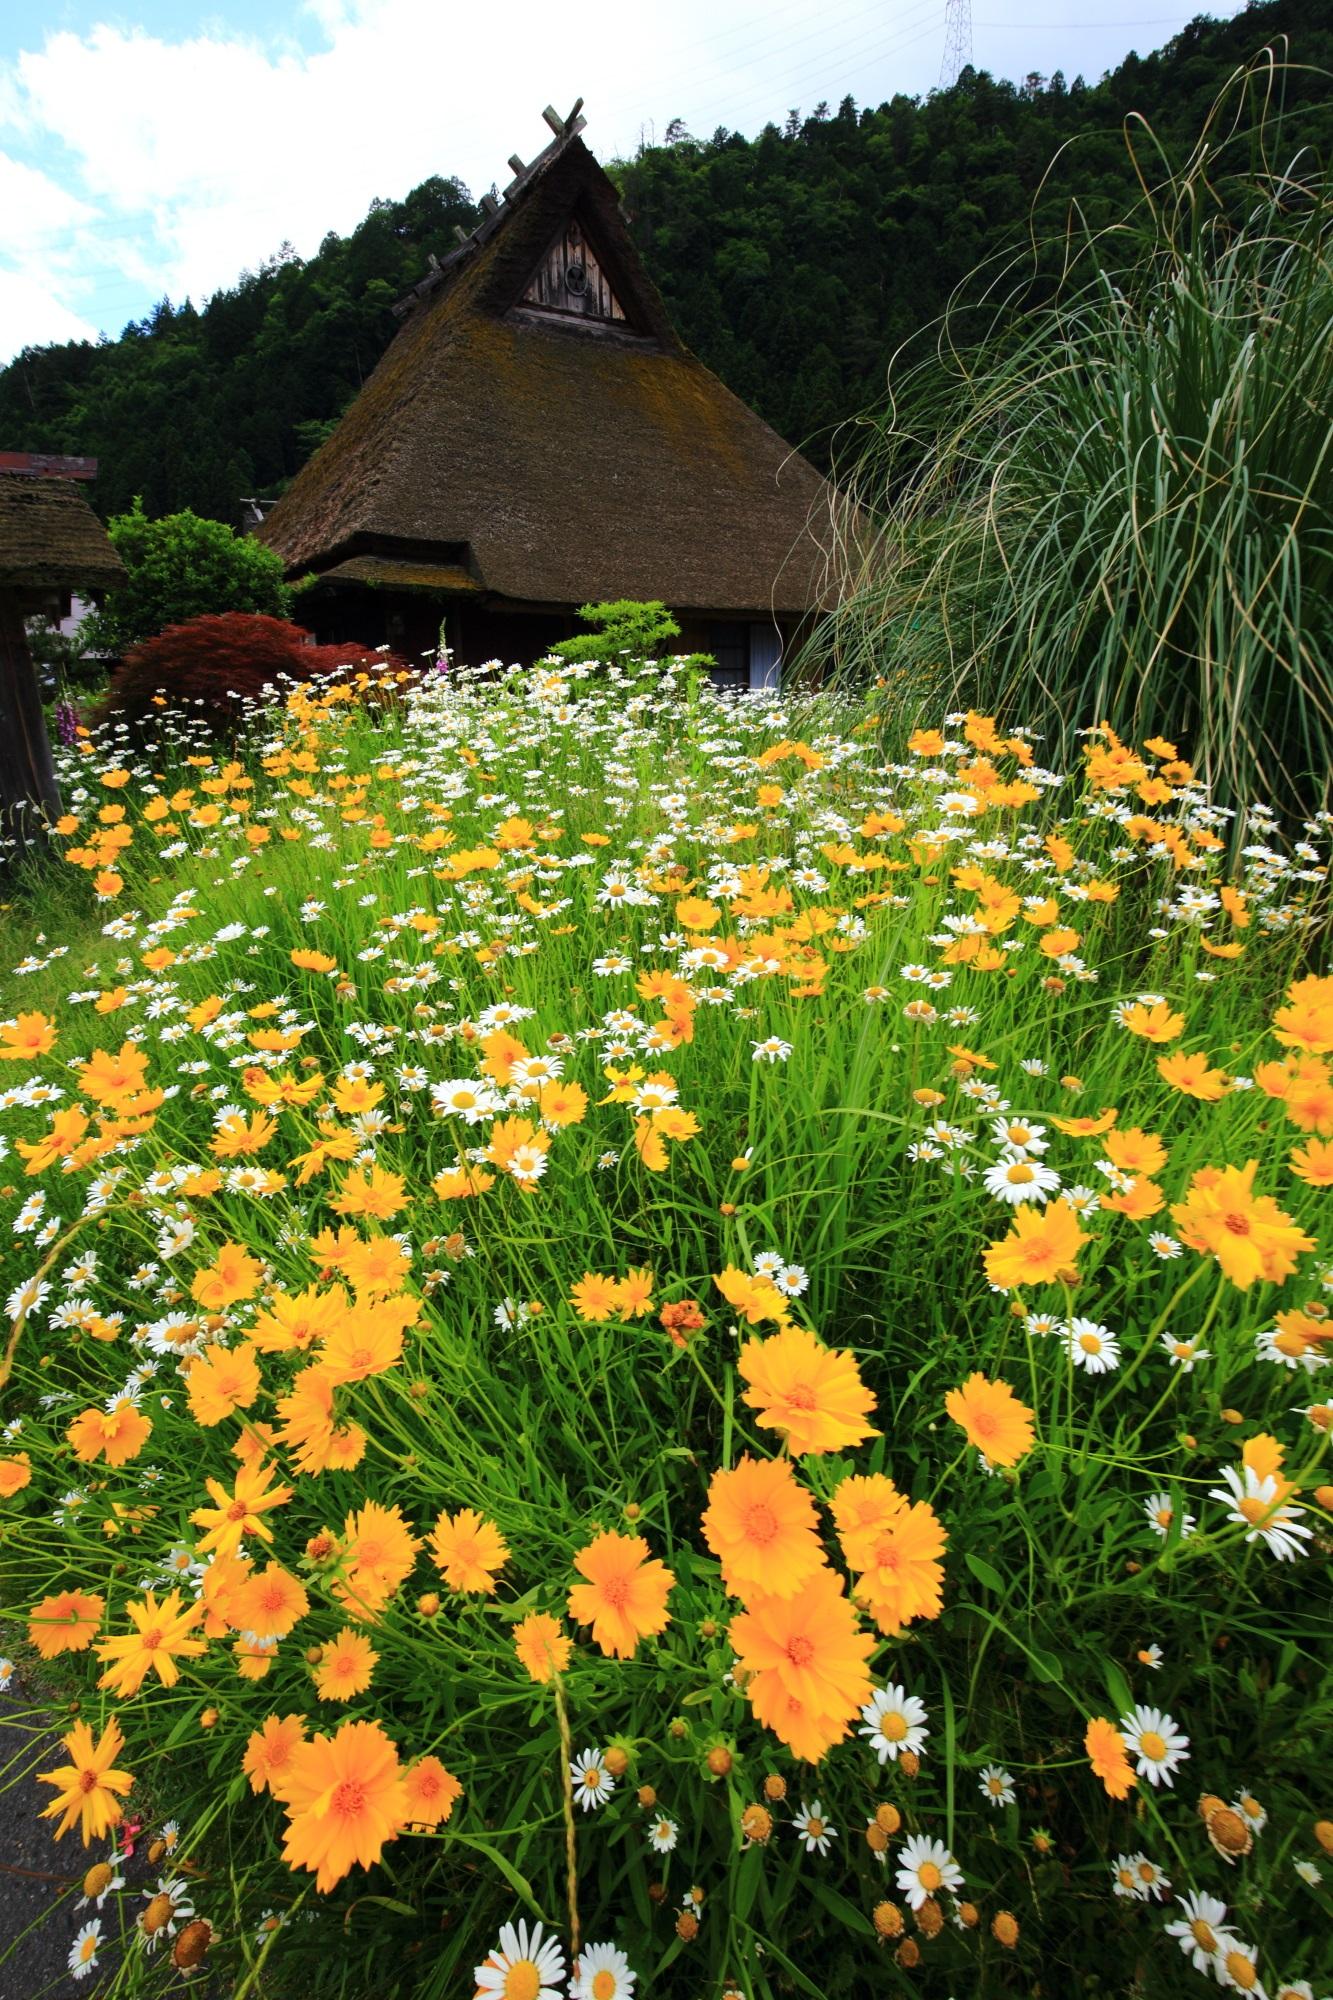 かやぶき屋根を彩る黄色と白の花々